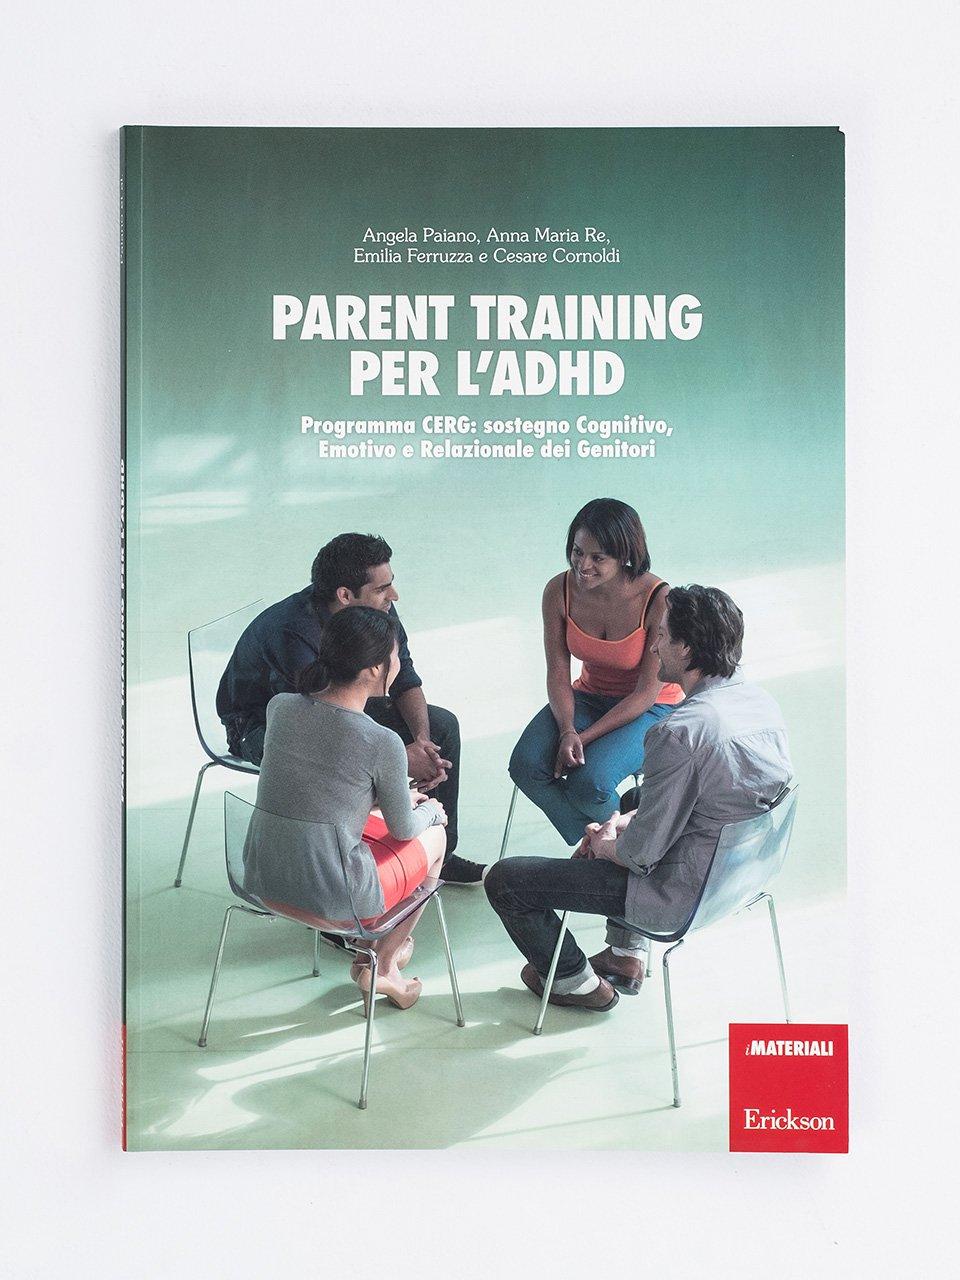 Parent training per l'ADHD - Un'offerta completa di libri e corsi di formazione sul Disturbo da Deficit di Attenzione e Iperattività nei bambini. Scopri sul sito